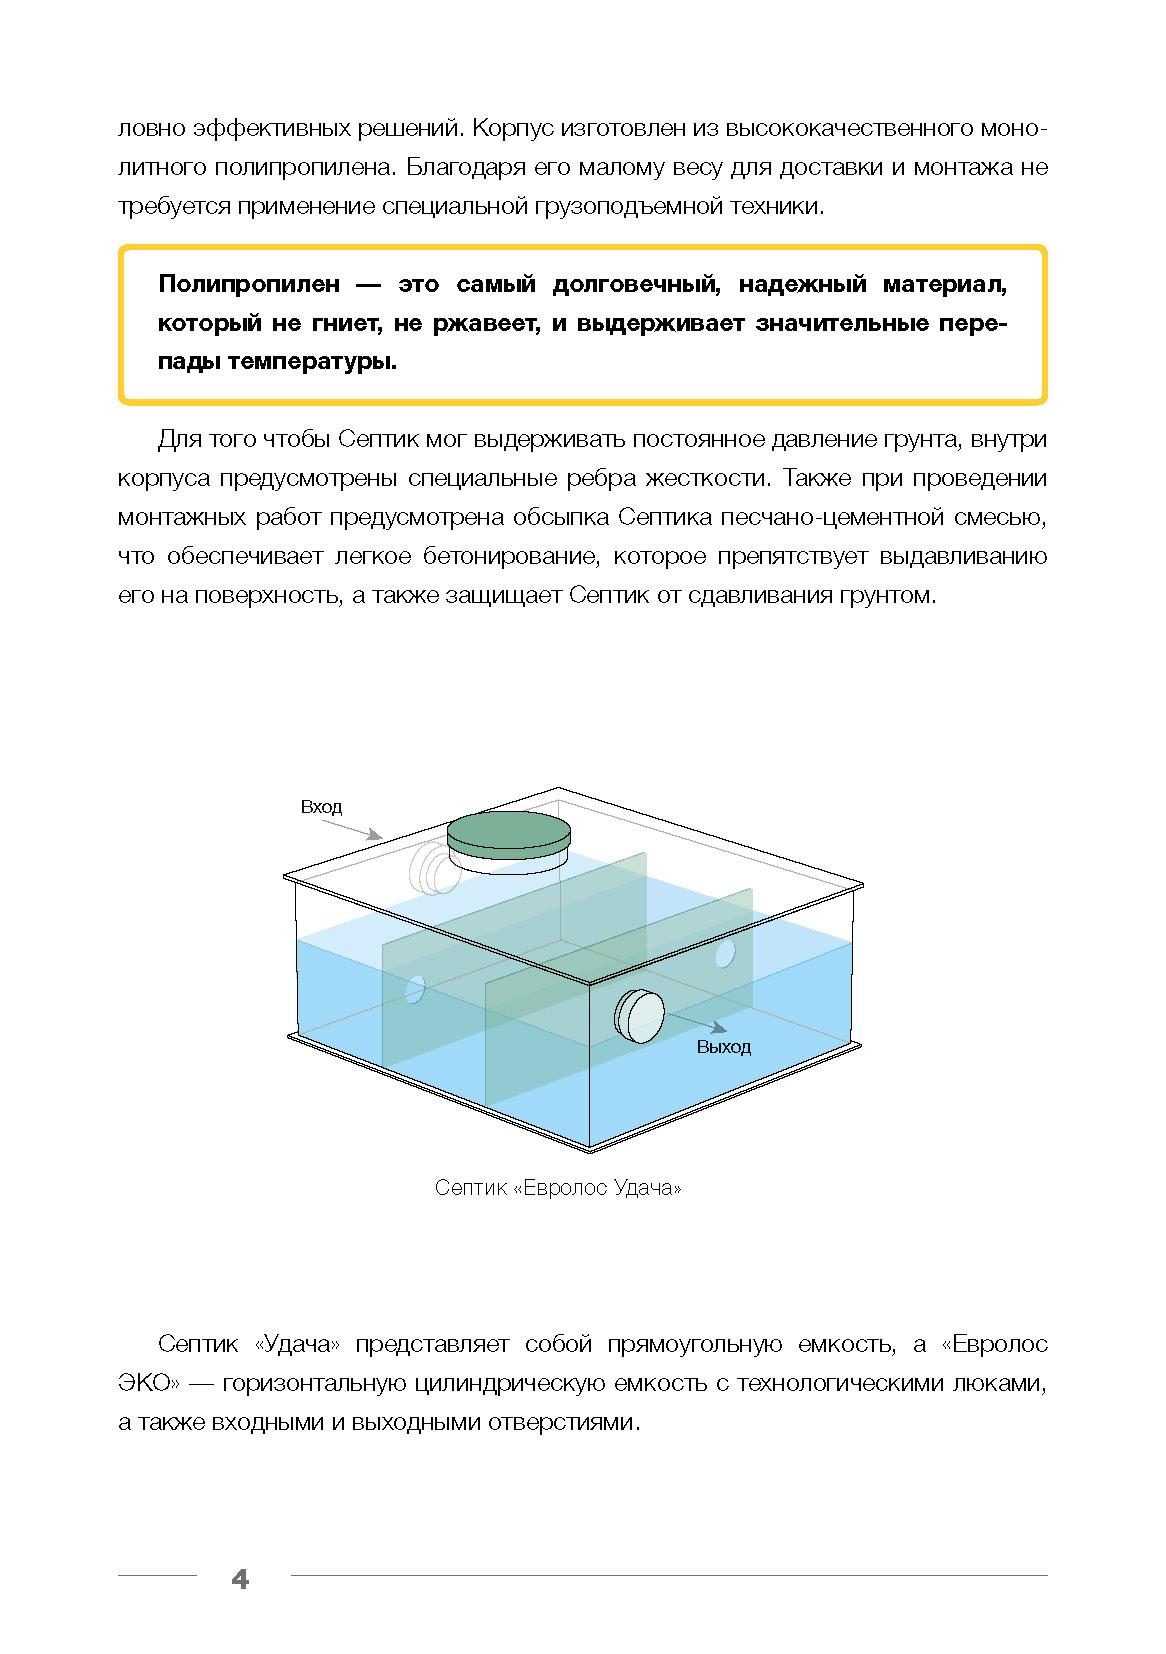 Технический паспорт Евролос Эко_Удача_Страница_06